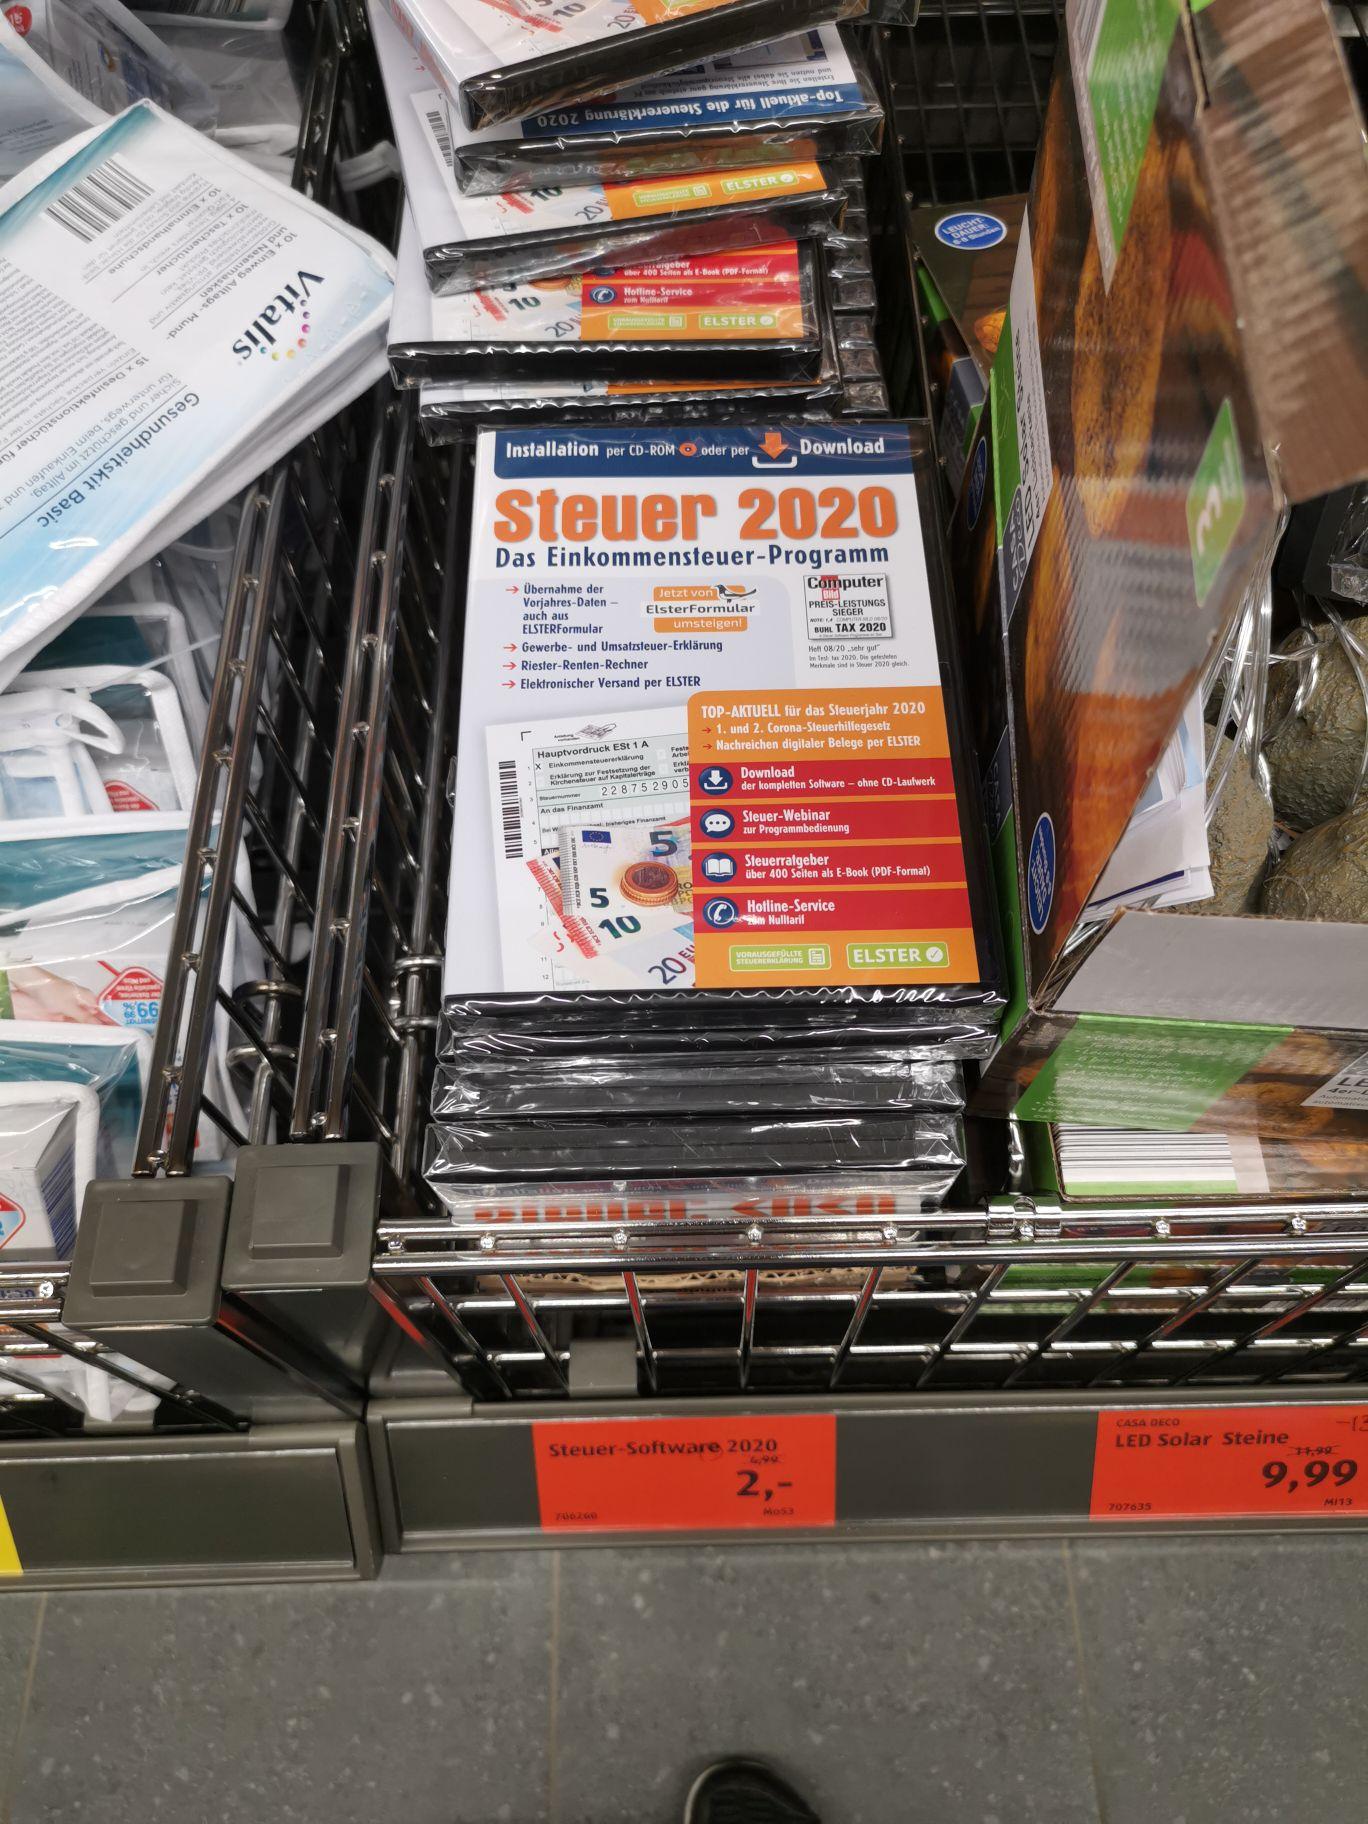 Steuer 2020 (Buhl tax 2021) [Lokal Aldi Schwäbisch Gmünd]